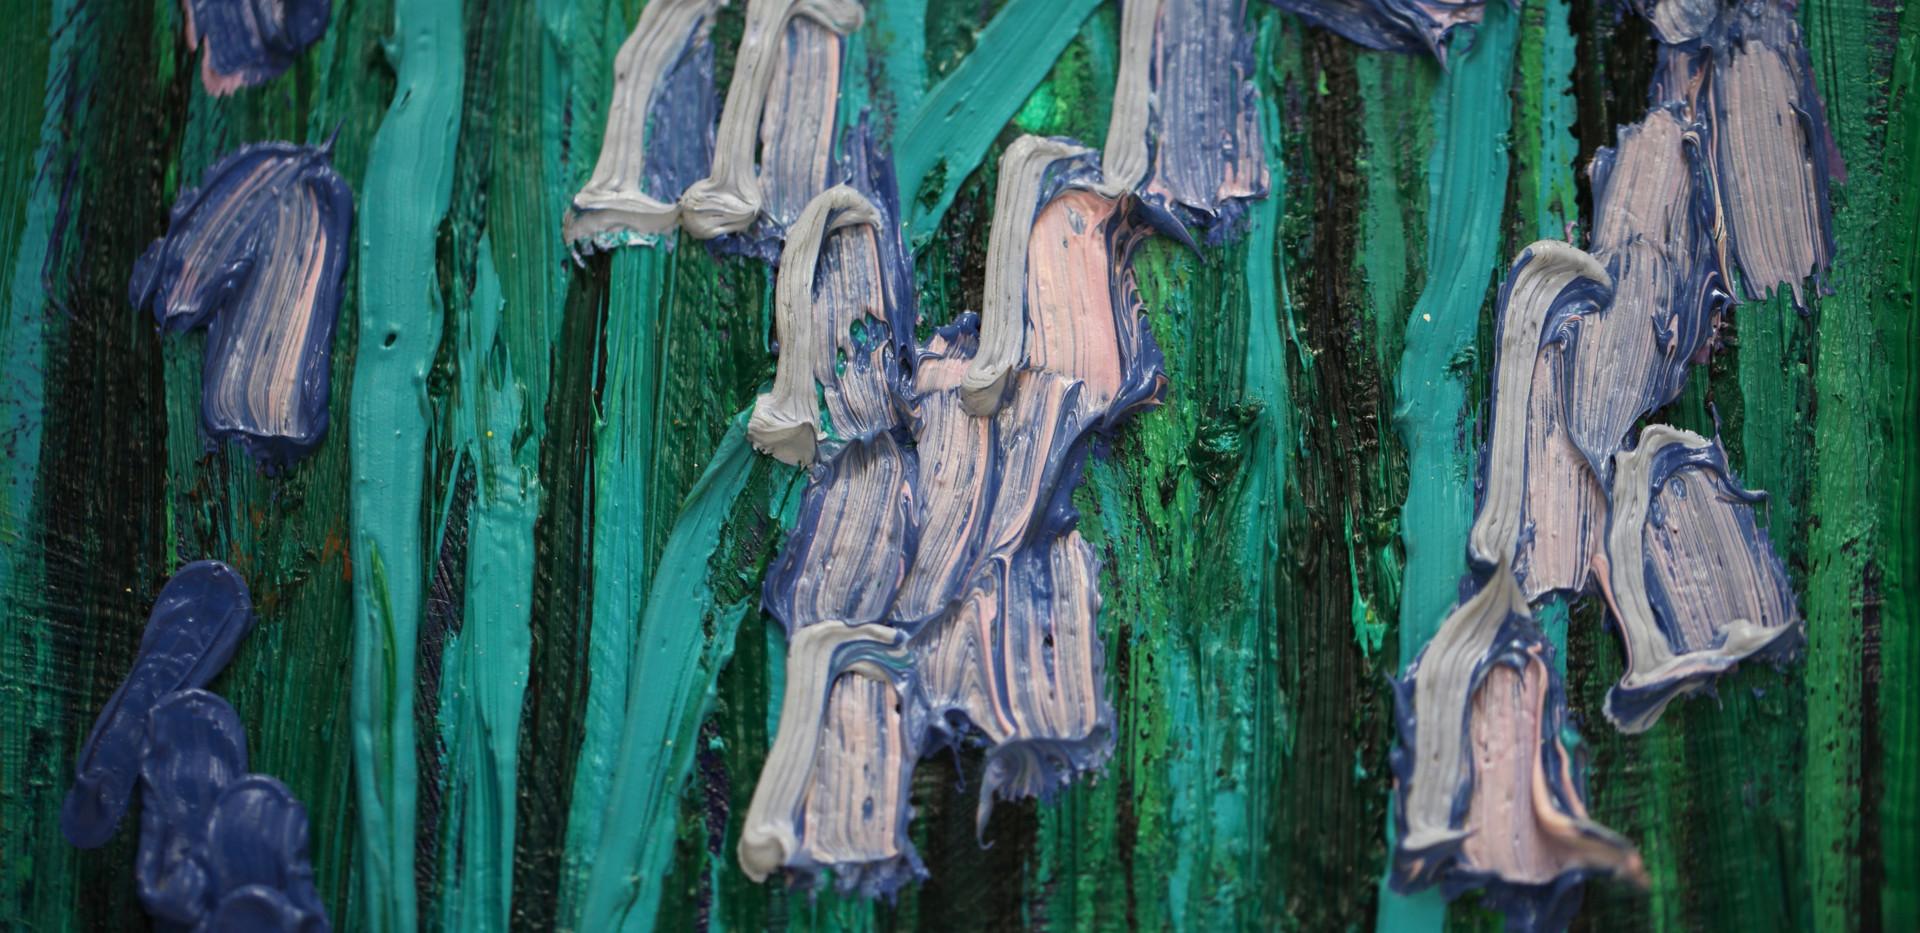 Detail, 'Spring'